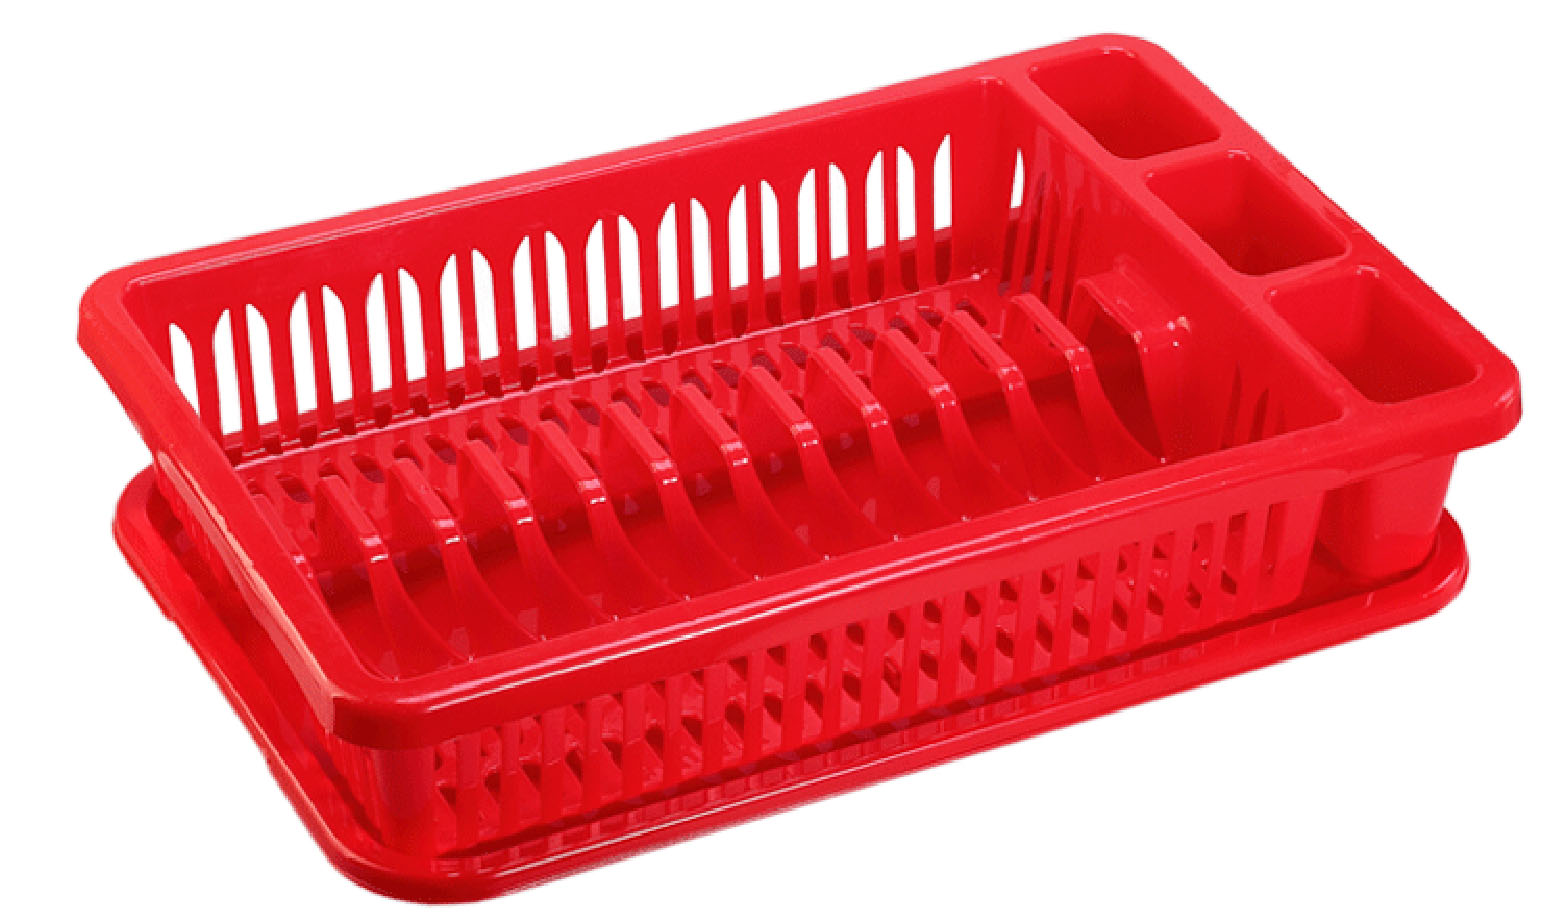 Сушилка для посуды Idea, с поддоном, цвет: красный, 43 х 28 х 9 смМ 1174Сушилка Idea, выполненная из прочного пластика, представляет собой решетку с ячейками, в которые помещается посуда: тарелки, кружки, ложки, ножи. Изделие оснащено пластиковым поддоном для стекания воды. Сушилку можно установить в любом удобном месте. На ней можно разместить большое количество предметов. Вместительные размеры и оригинальный дизайн выделяют эту сушку из ряда подобных.Размер сушилки: 43 х 28 х 9 см. Размер поддона: 42 х 28 х 1,8 см.